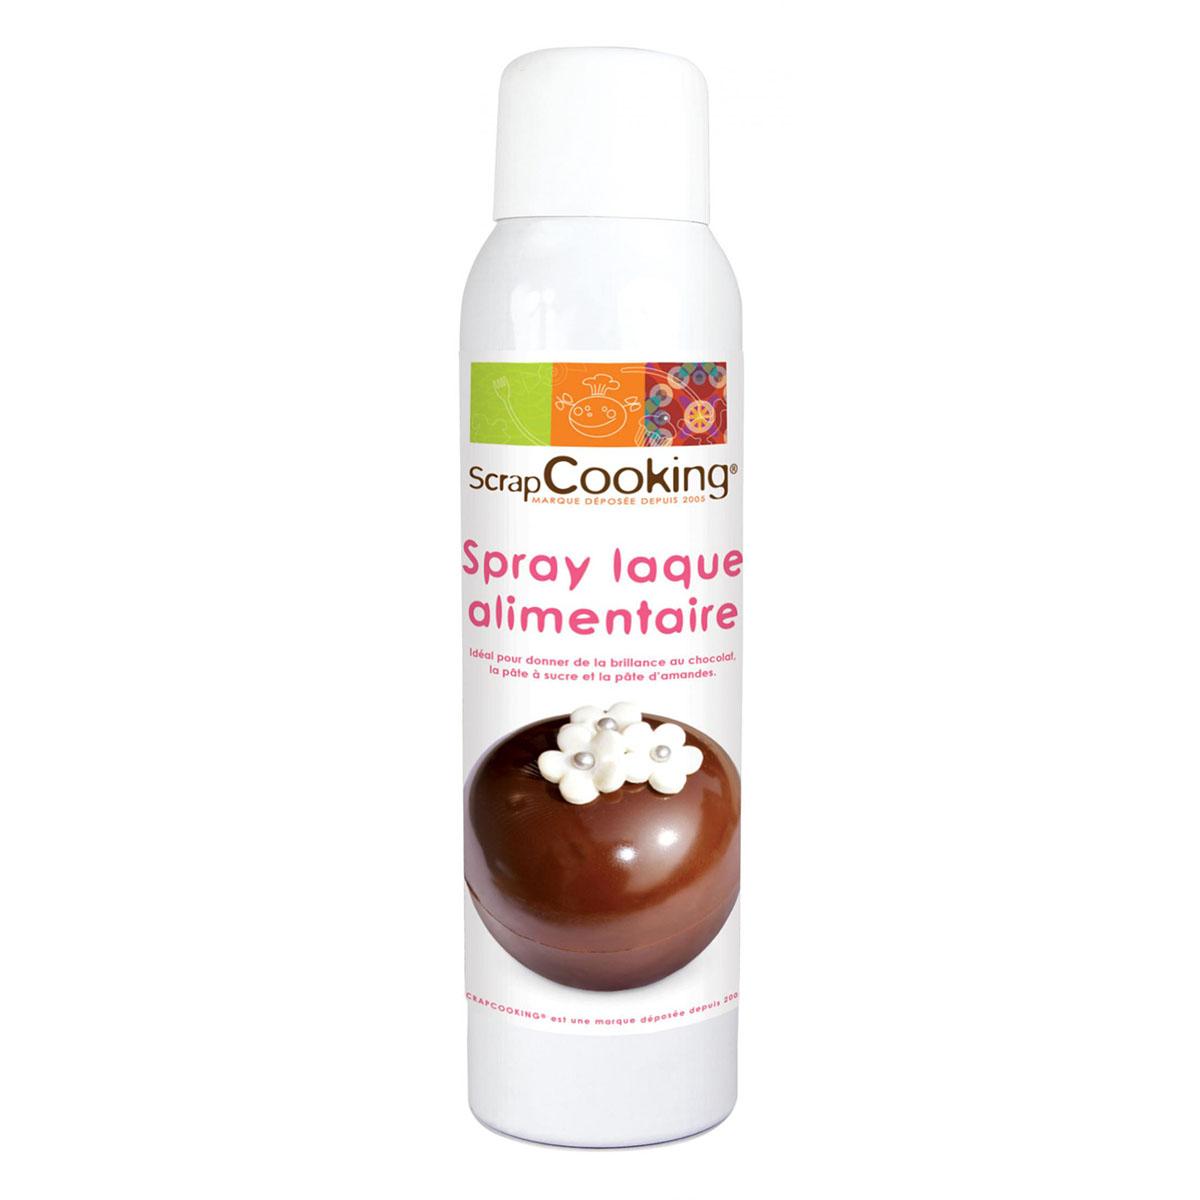 Image du produit Spray vernis alimentaire  - Scrapcooking